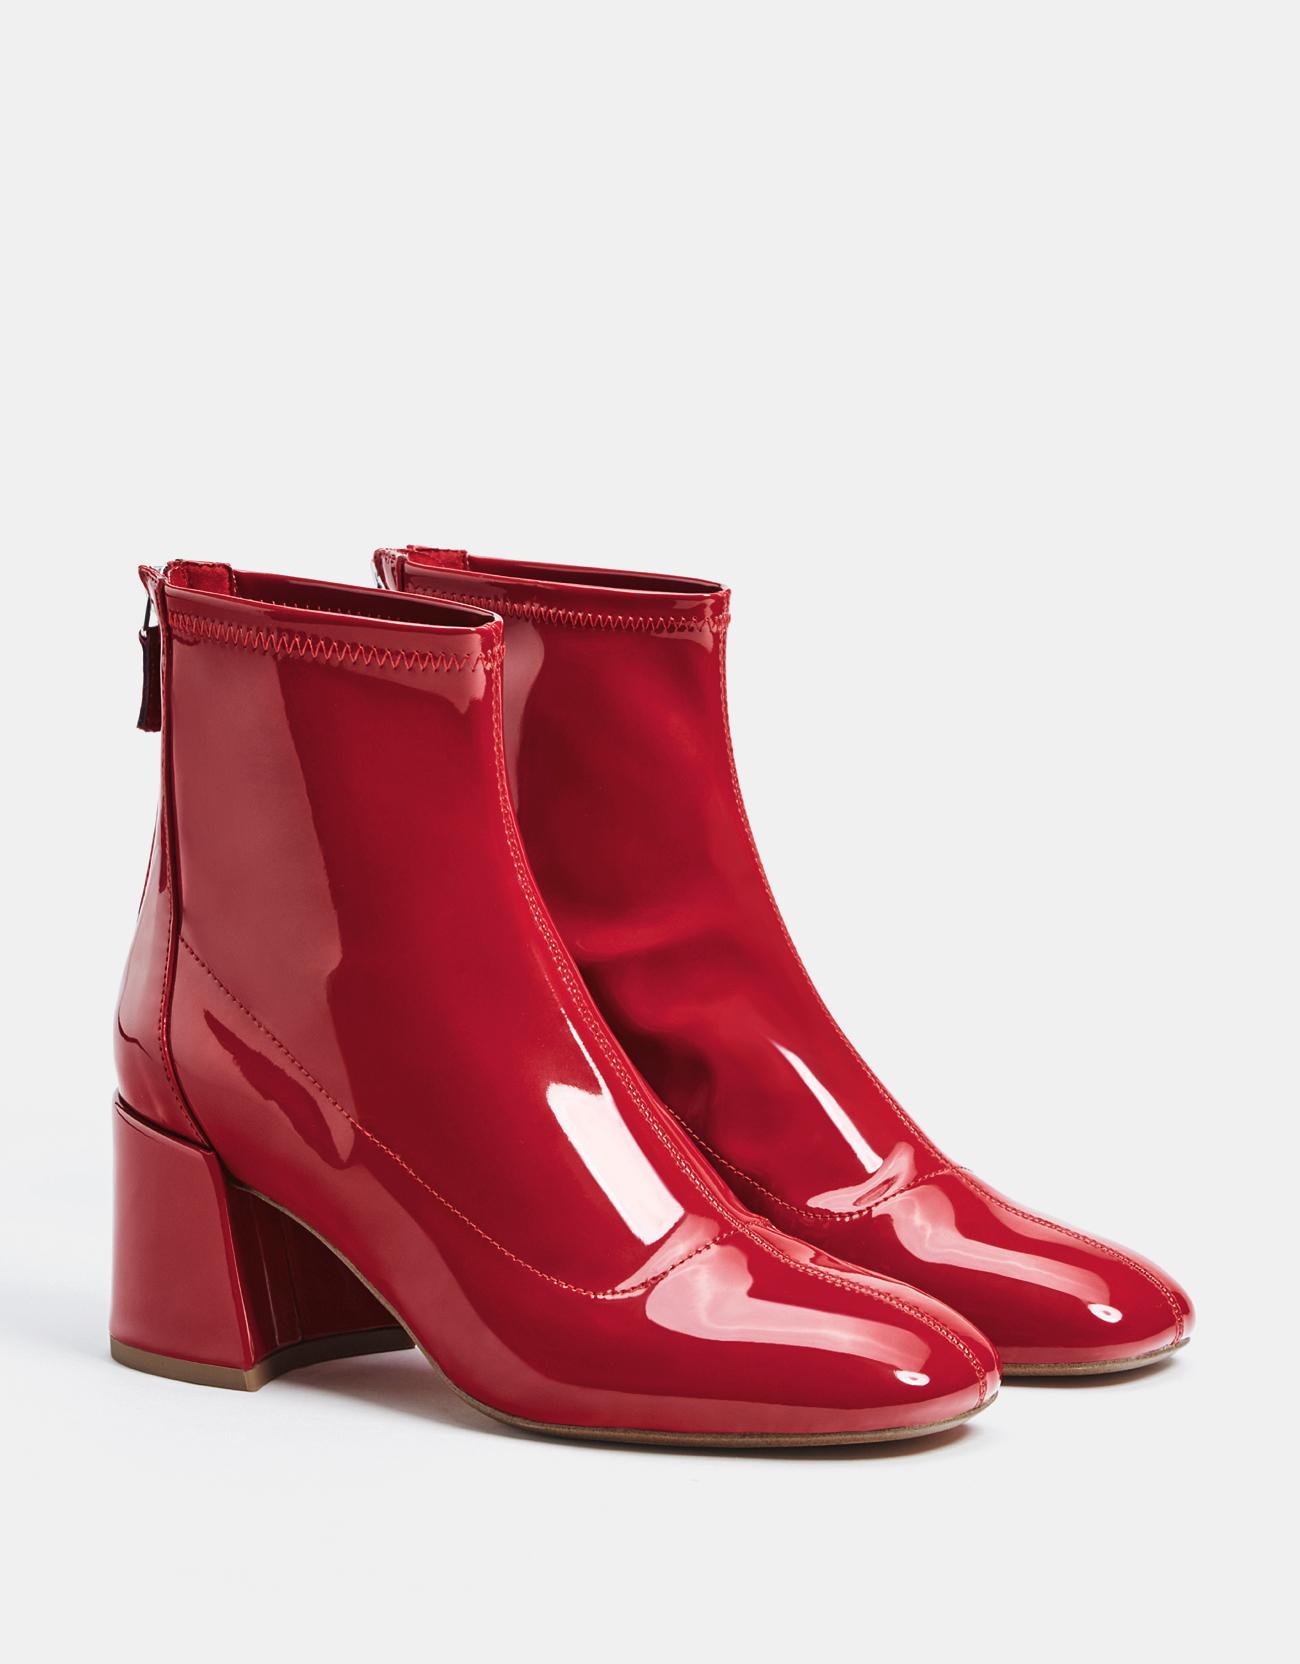 bottes rouges en vinyle bershka bottez en rouge elle. Black Bedroom Furniture Sets. Home Design Ideas